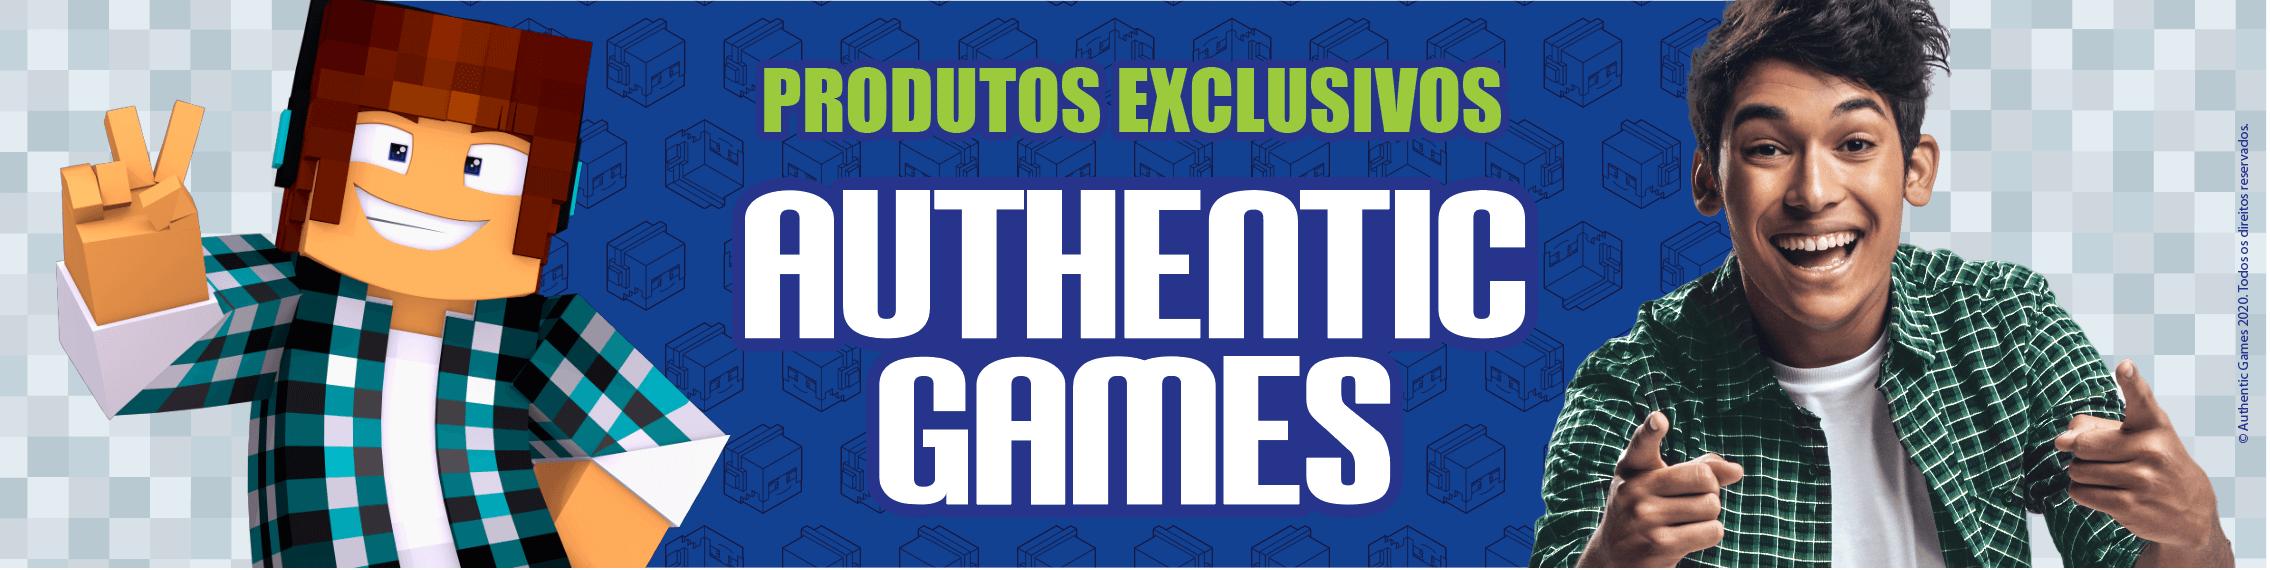 AuthenticGames Categoria